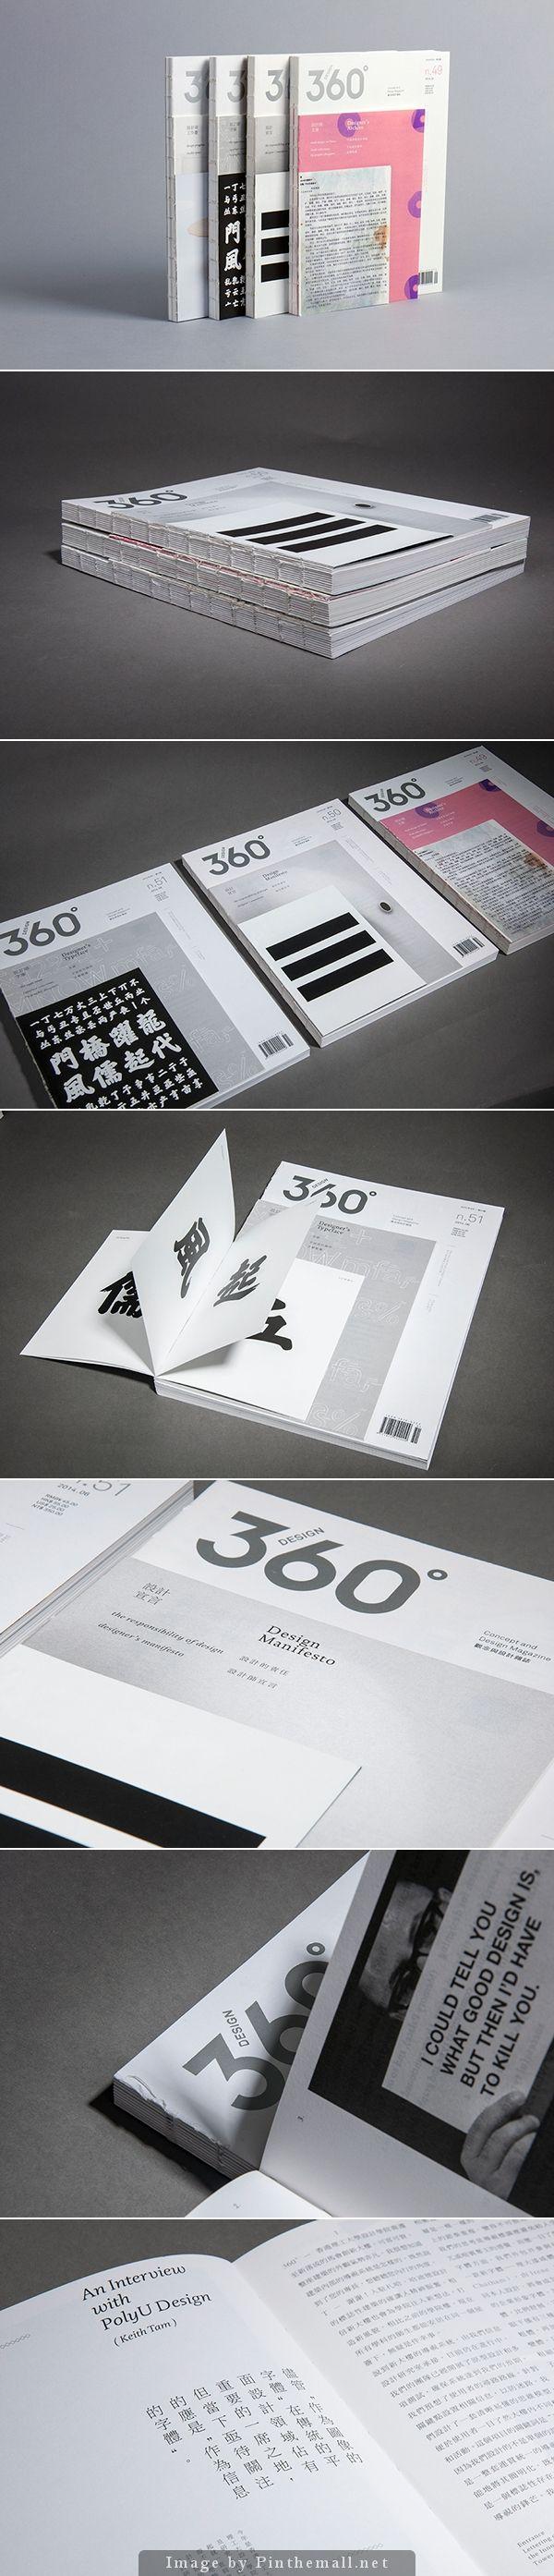 Design 360 Magazine | China